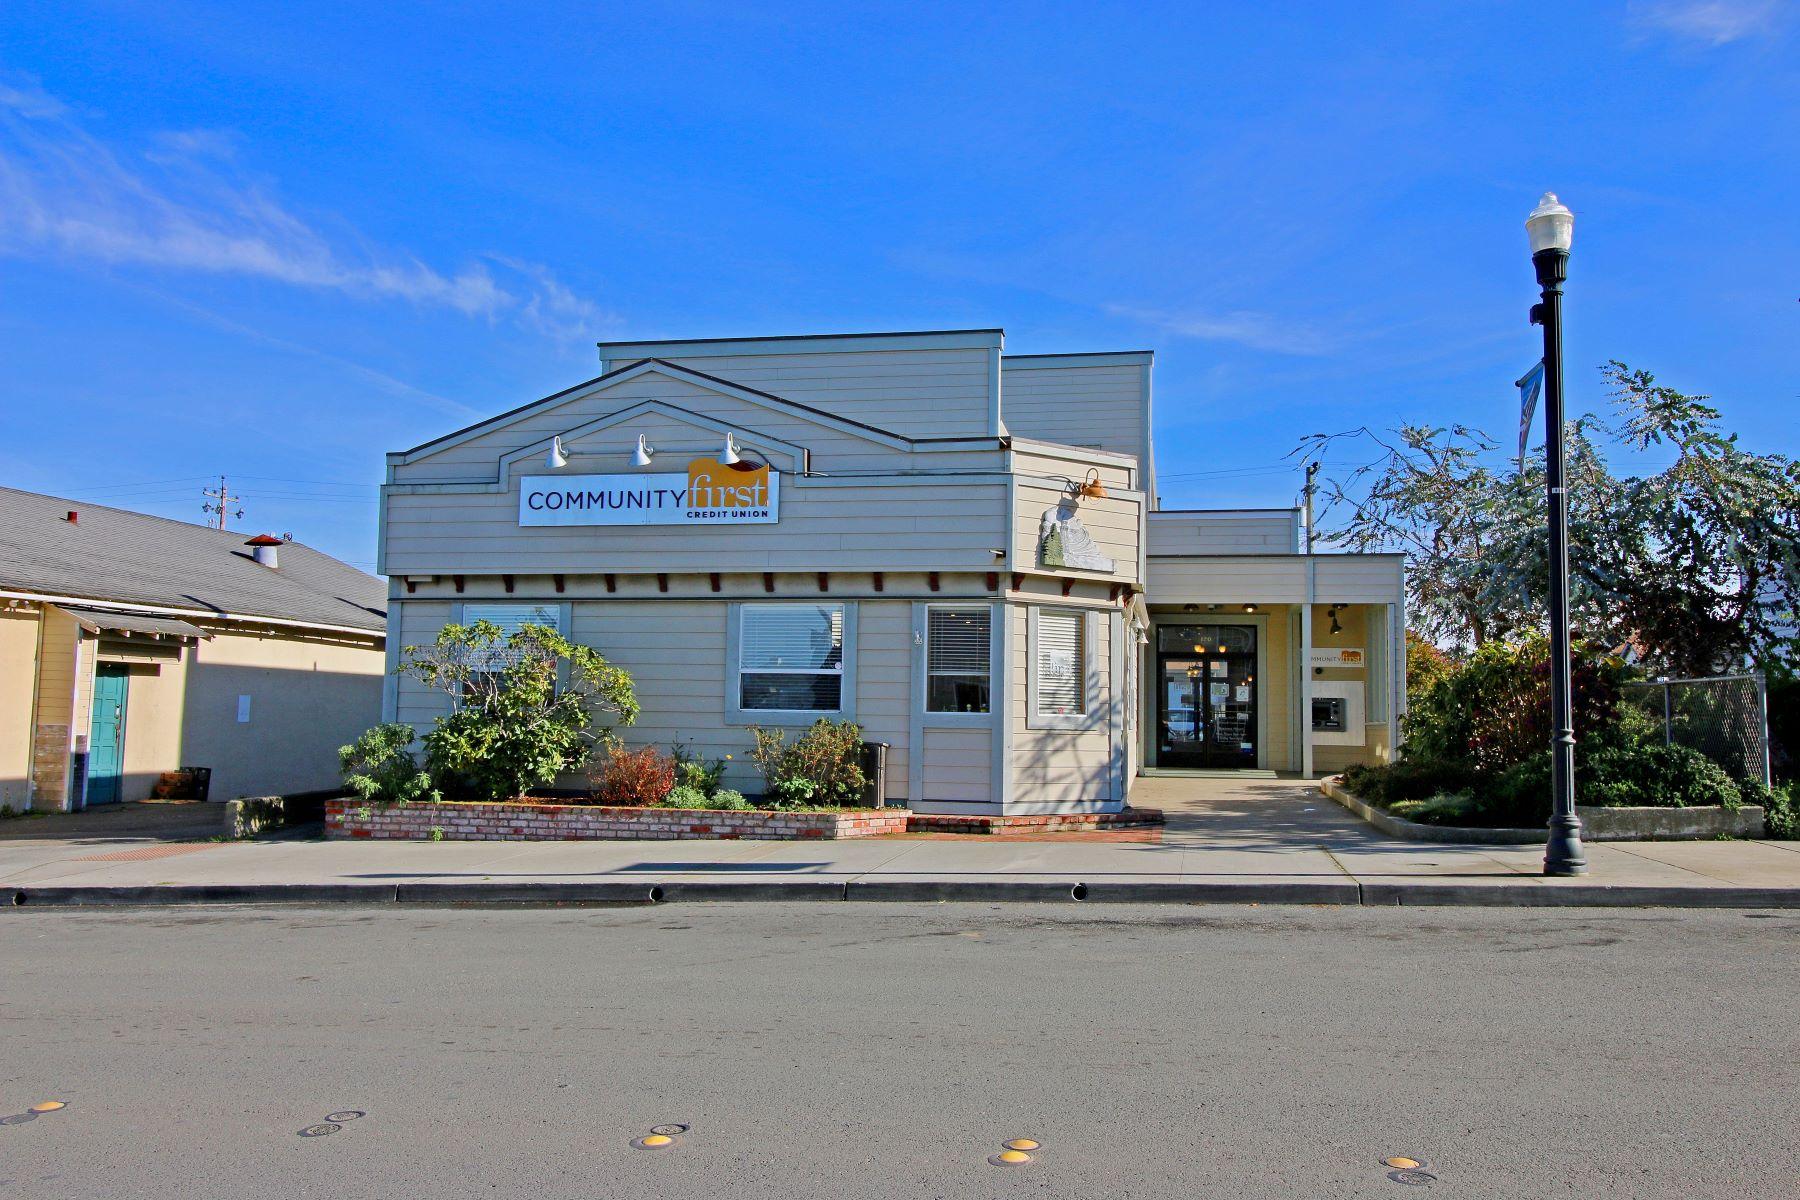 商用 为 销售 在 Great Commercial Opportunity 120 N Franklin Street Fort Bragg, 加利福尼亚州 95437 美国